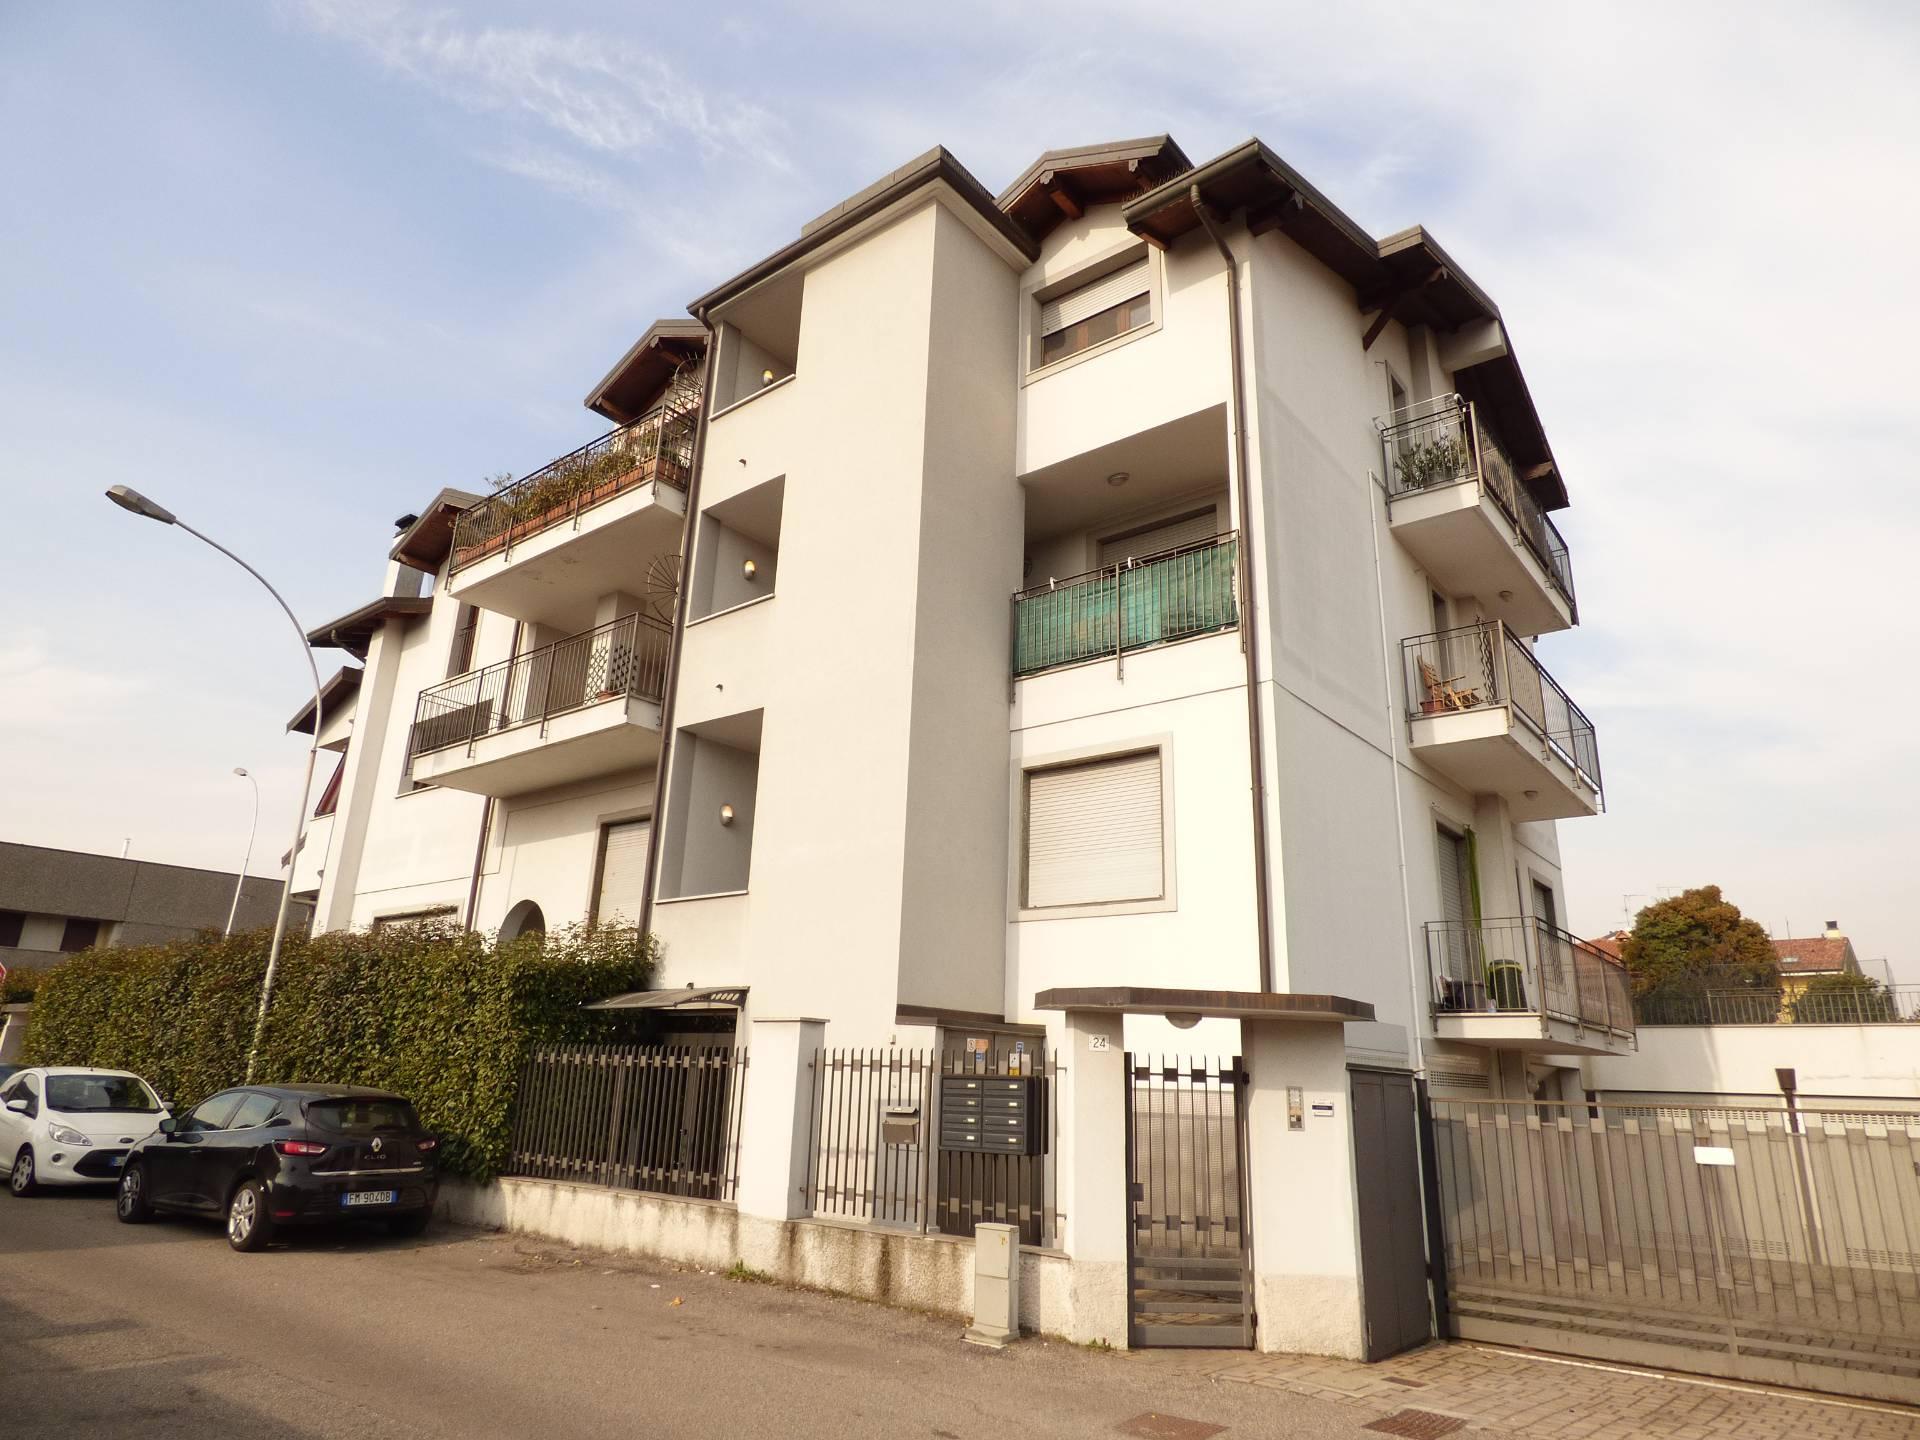 Appartamento in vendita a Bareggio, 3 locali, prezzo € 145.000 | CambioCasa.it